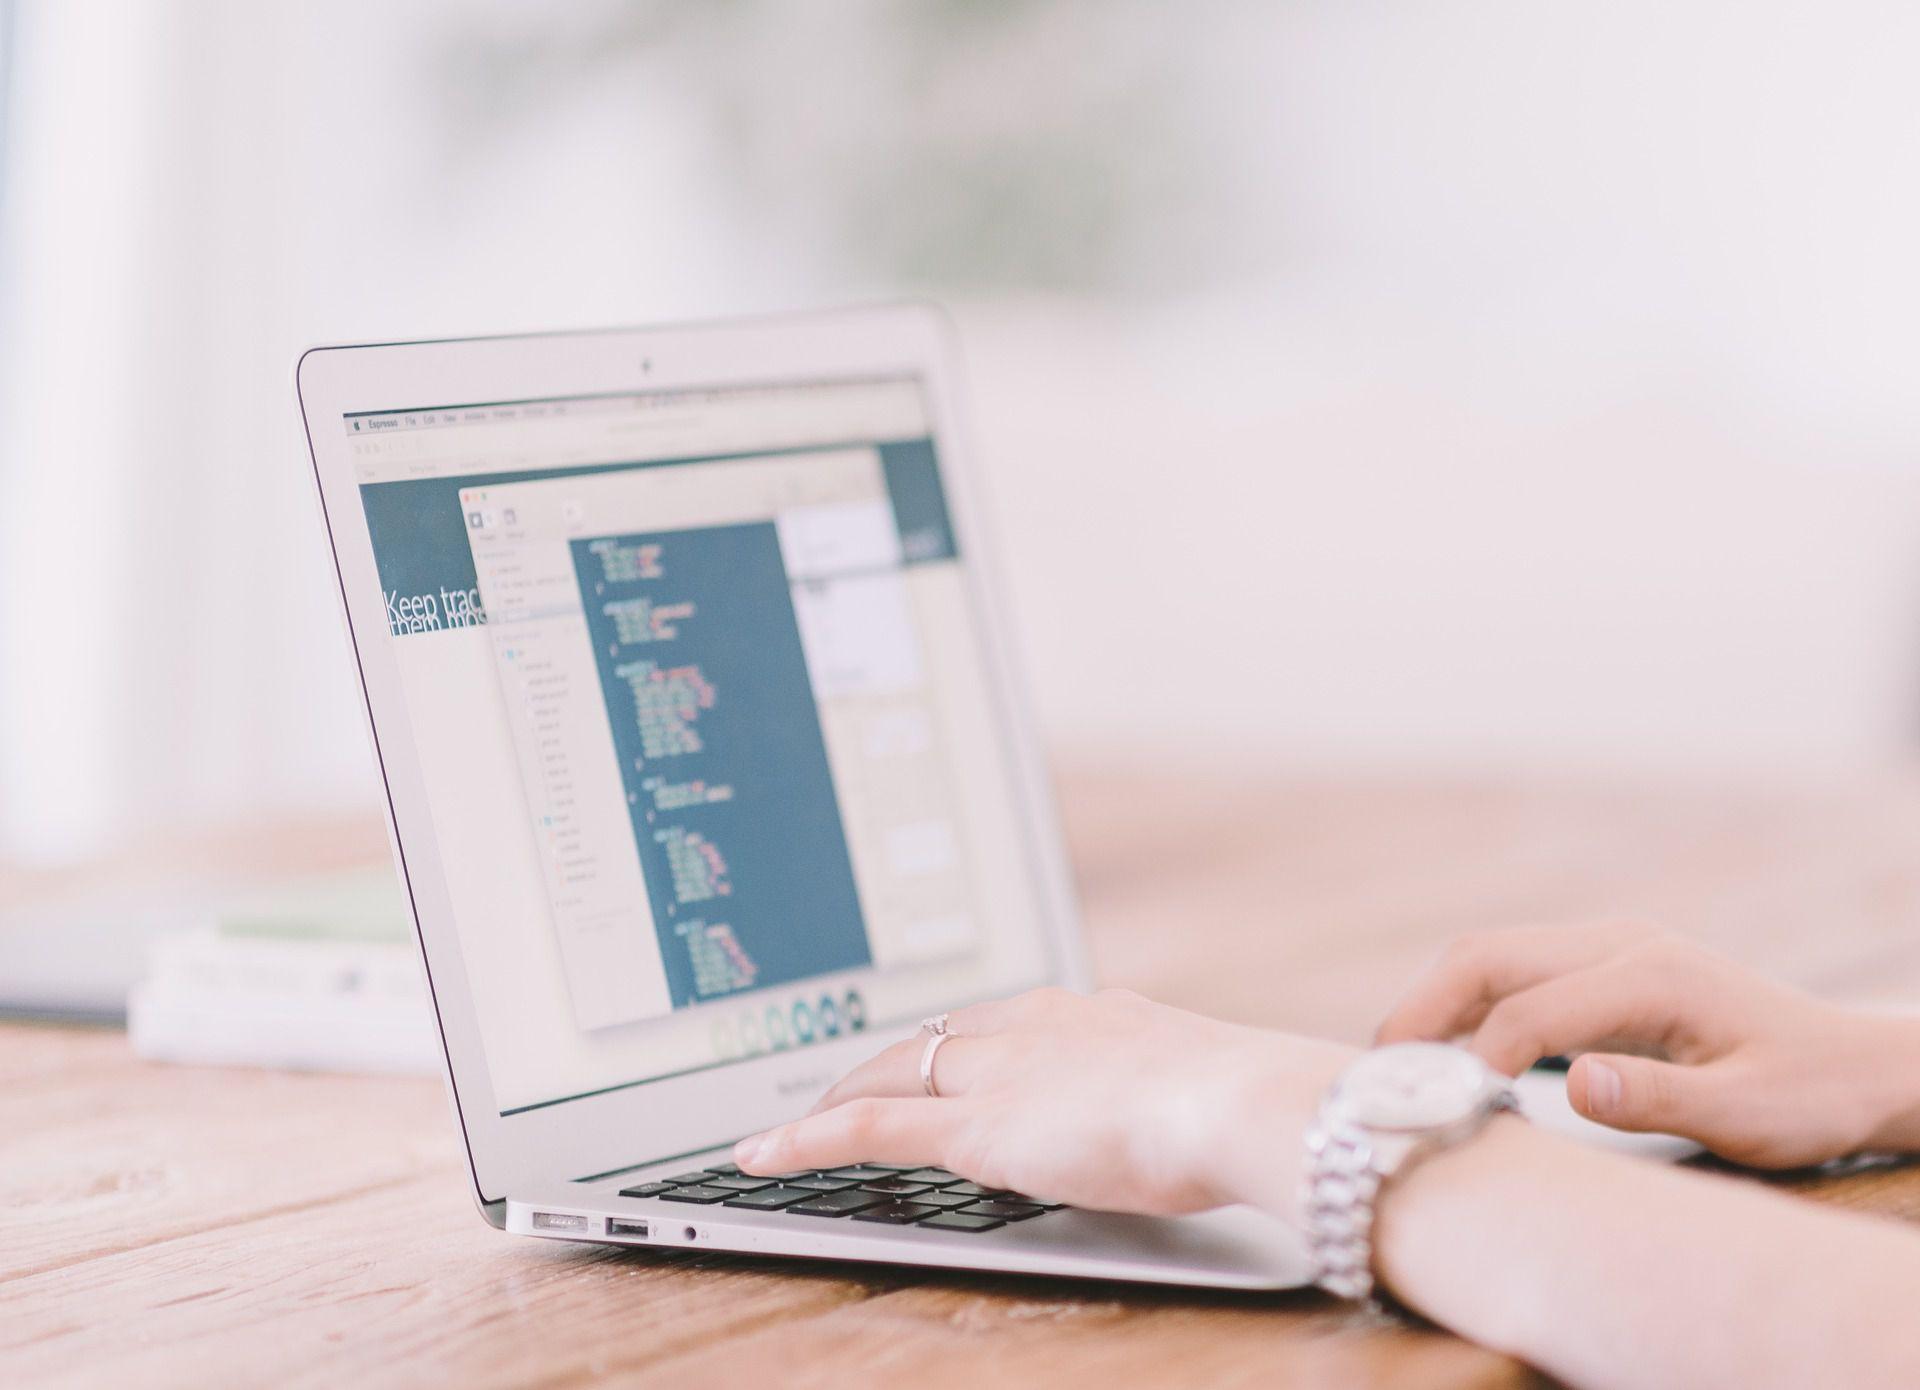 Diversos estudios apuntan que el rendimiento escolar de los niños que saben programar destaca sobre los que no tienen ese tipo de conocimientos. (Foto: Pixabay)